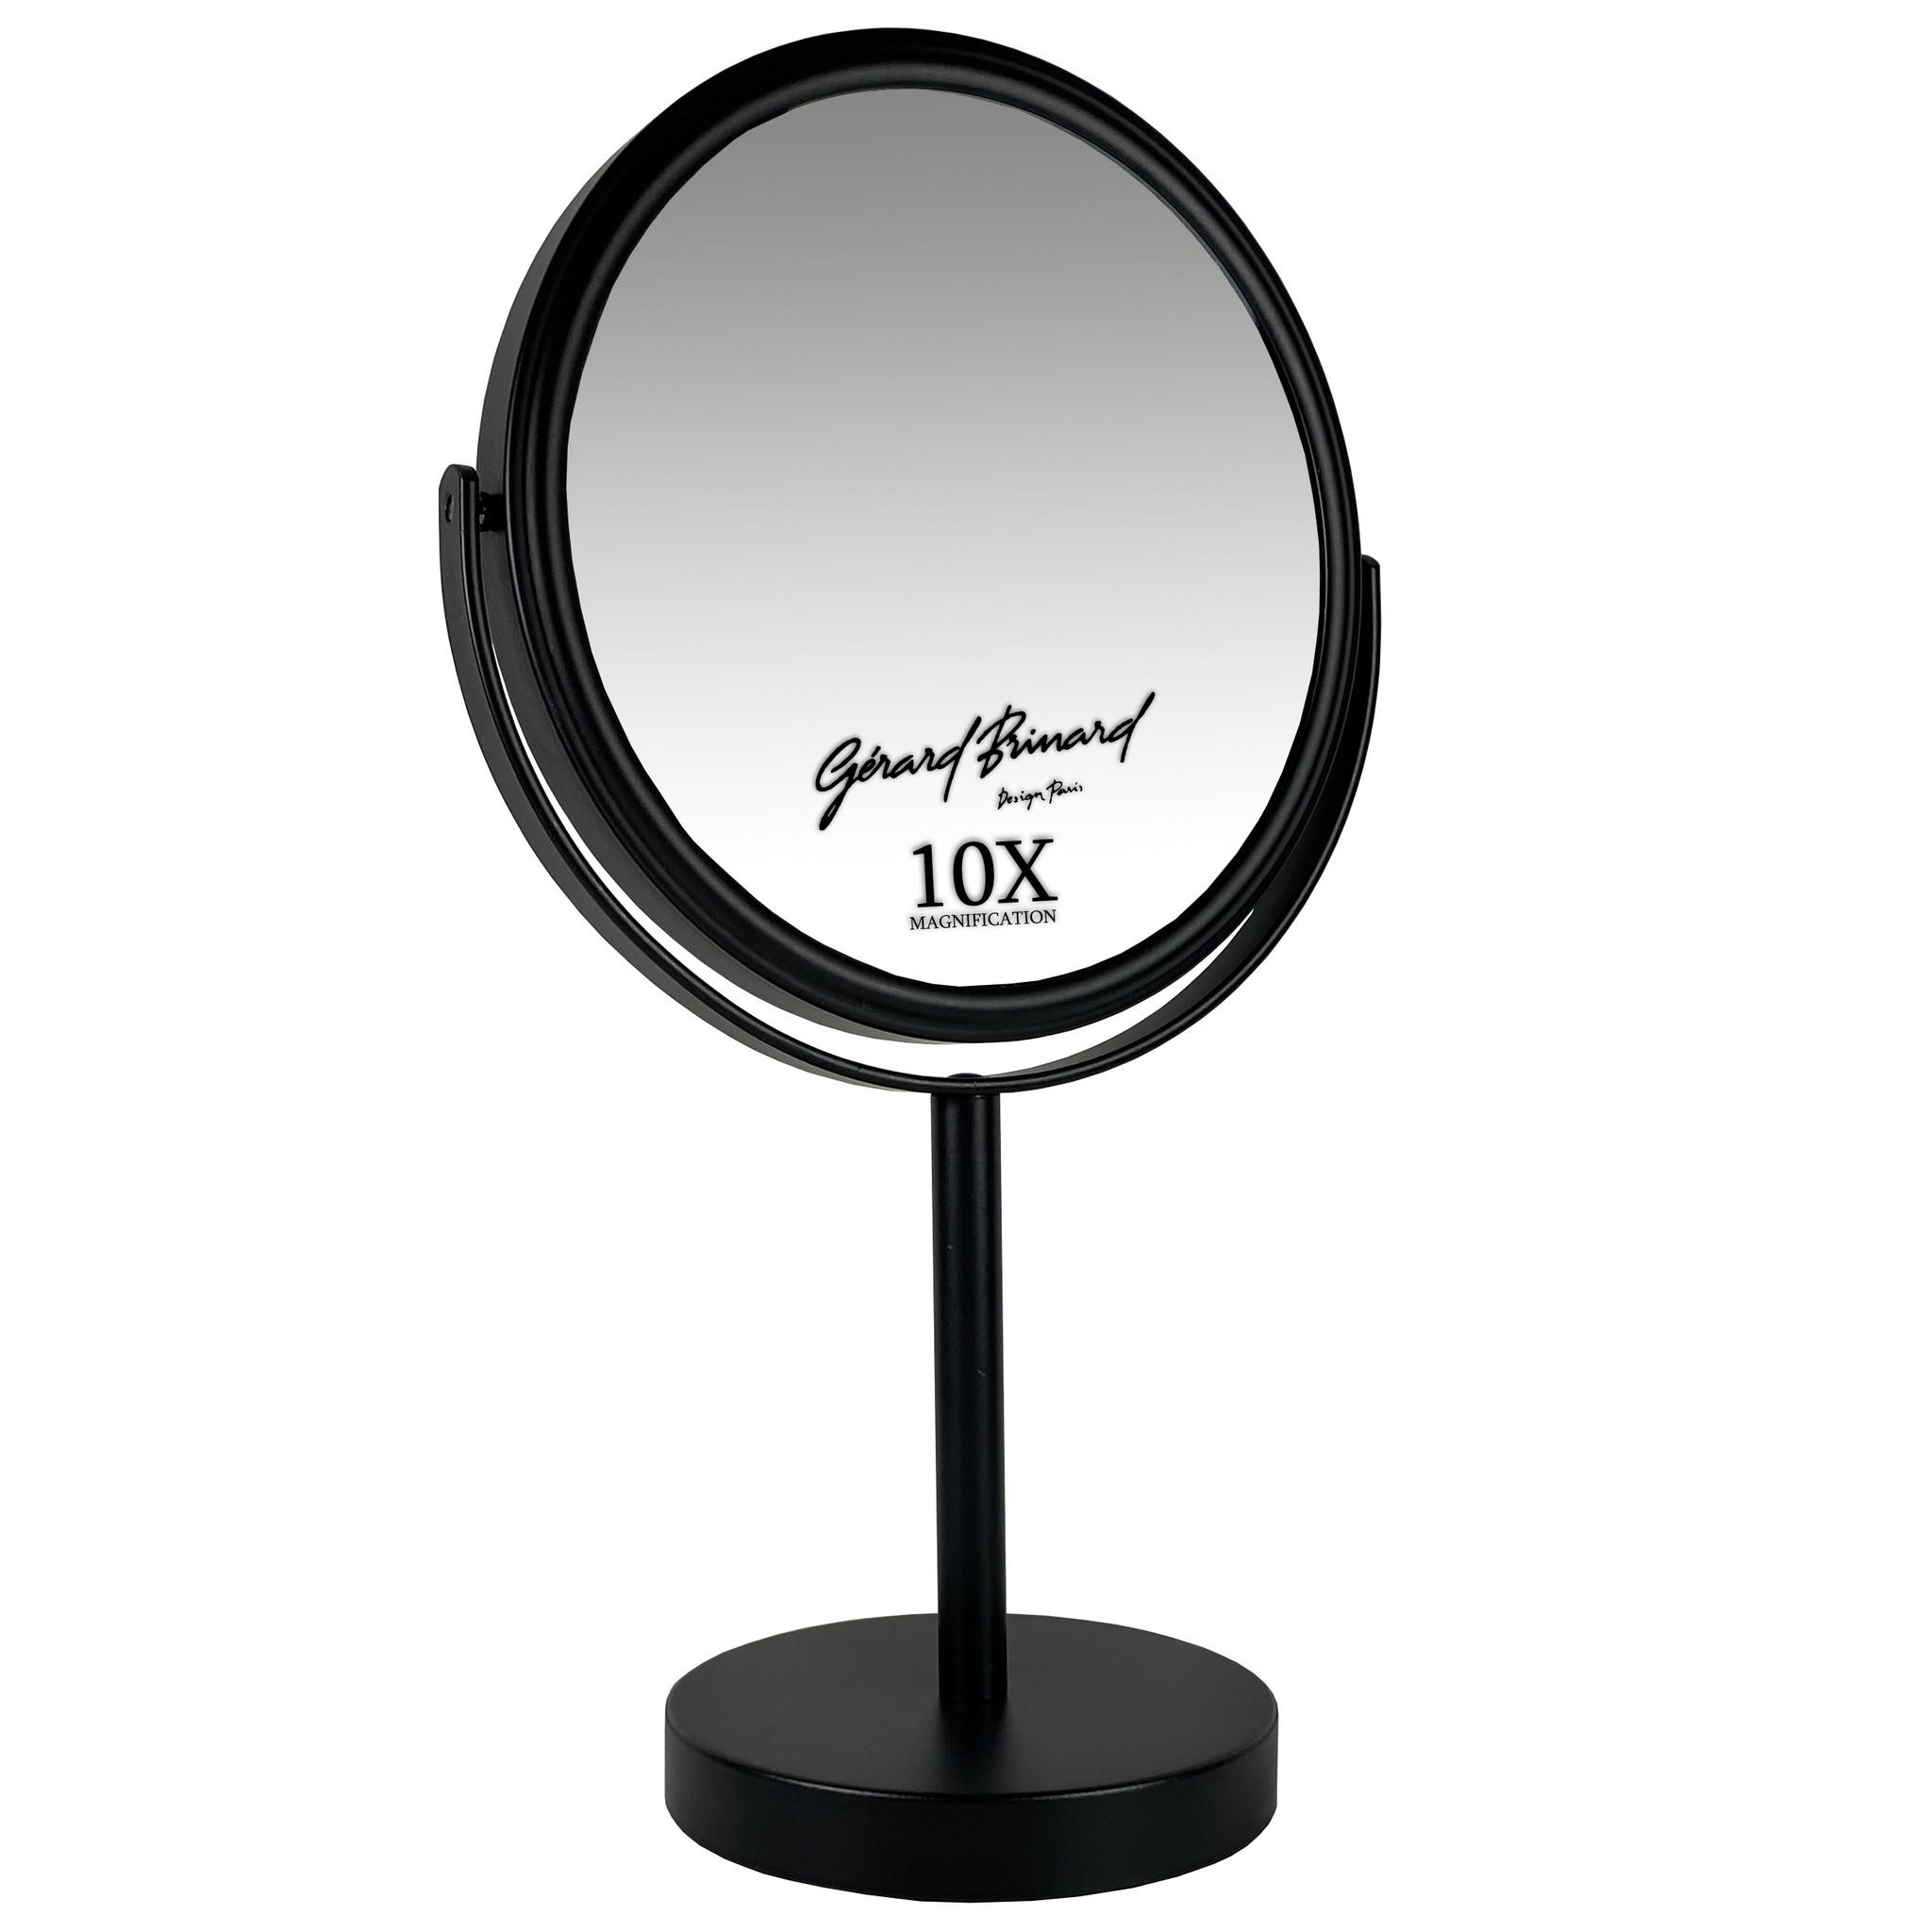 Gérard Brinard Metalen make-up spiegel mat zwart- 10x vergroting 18cmØ